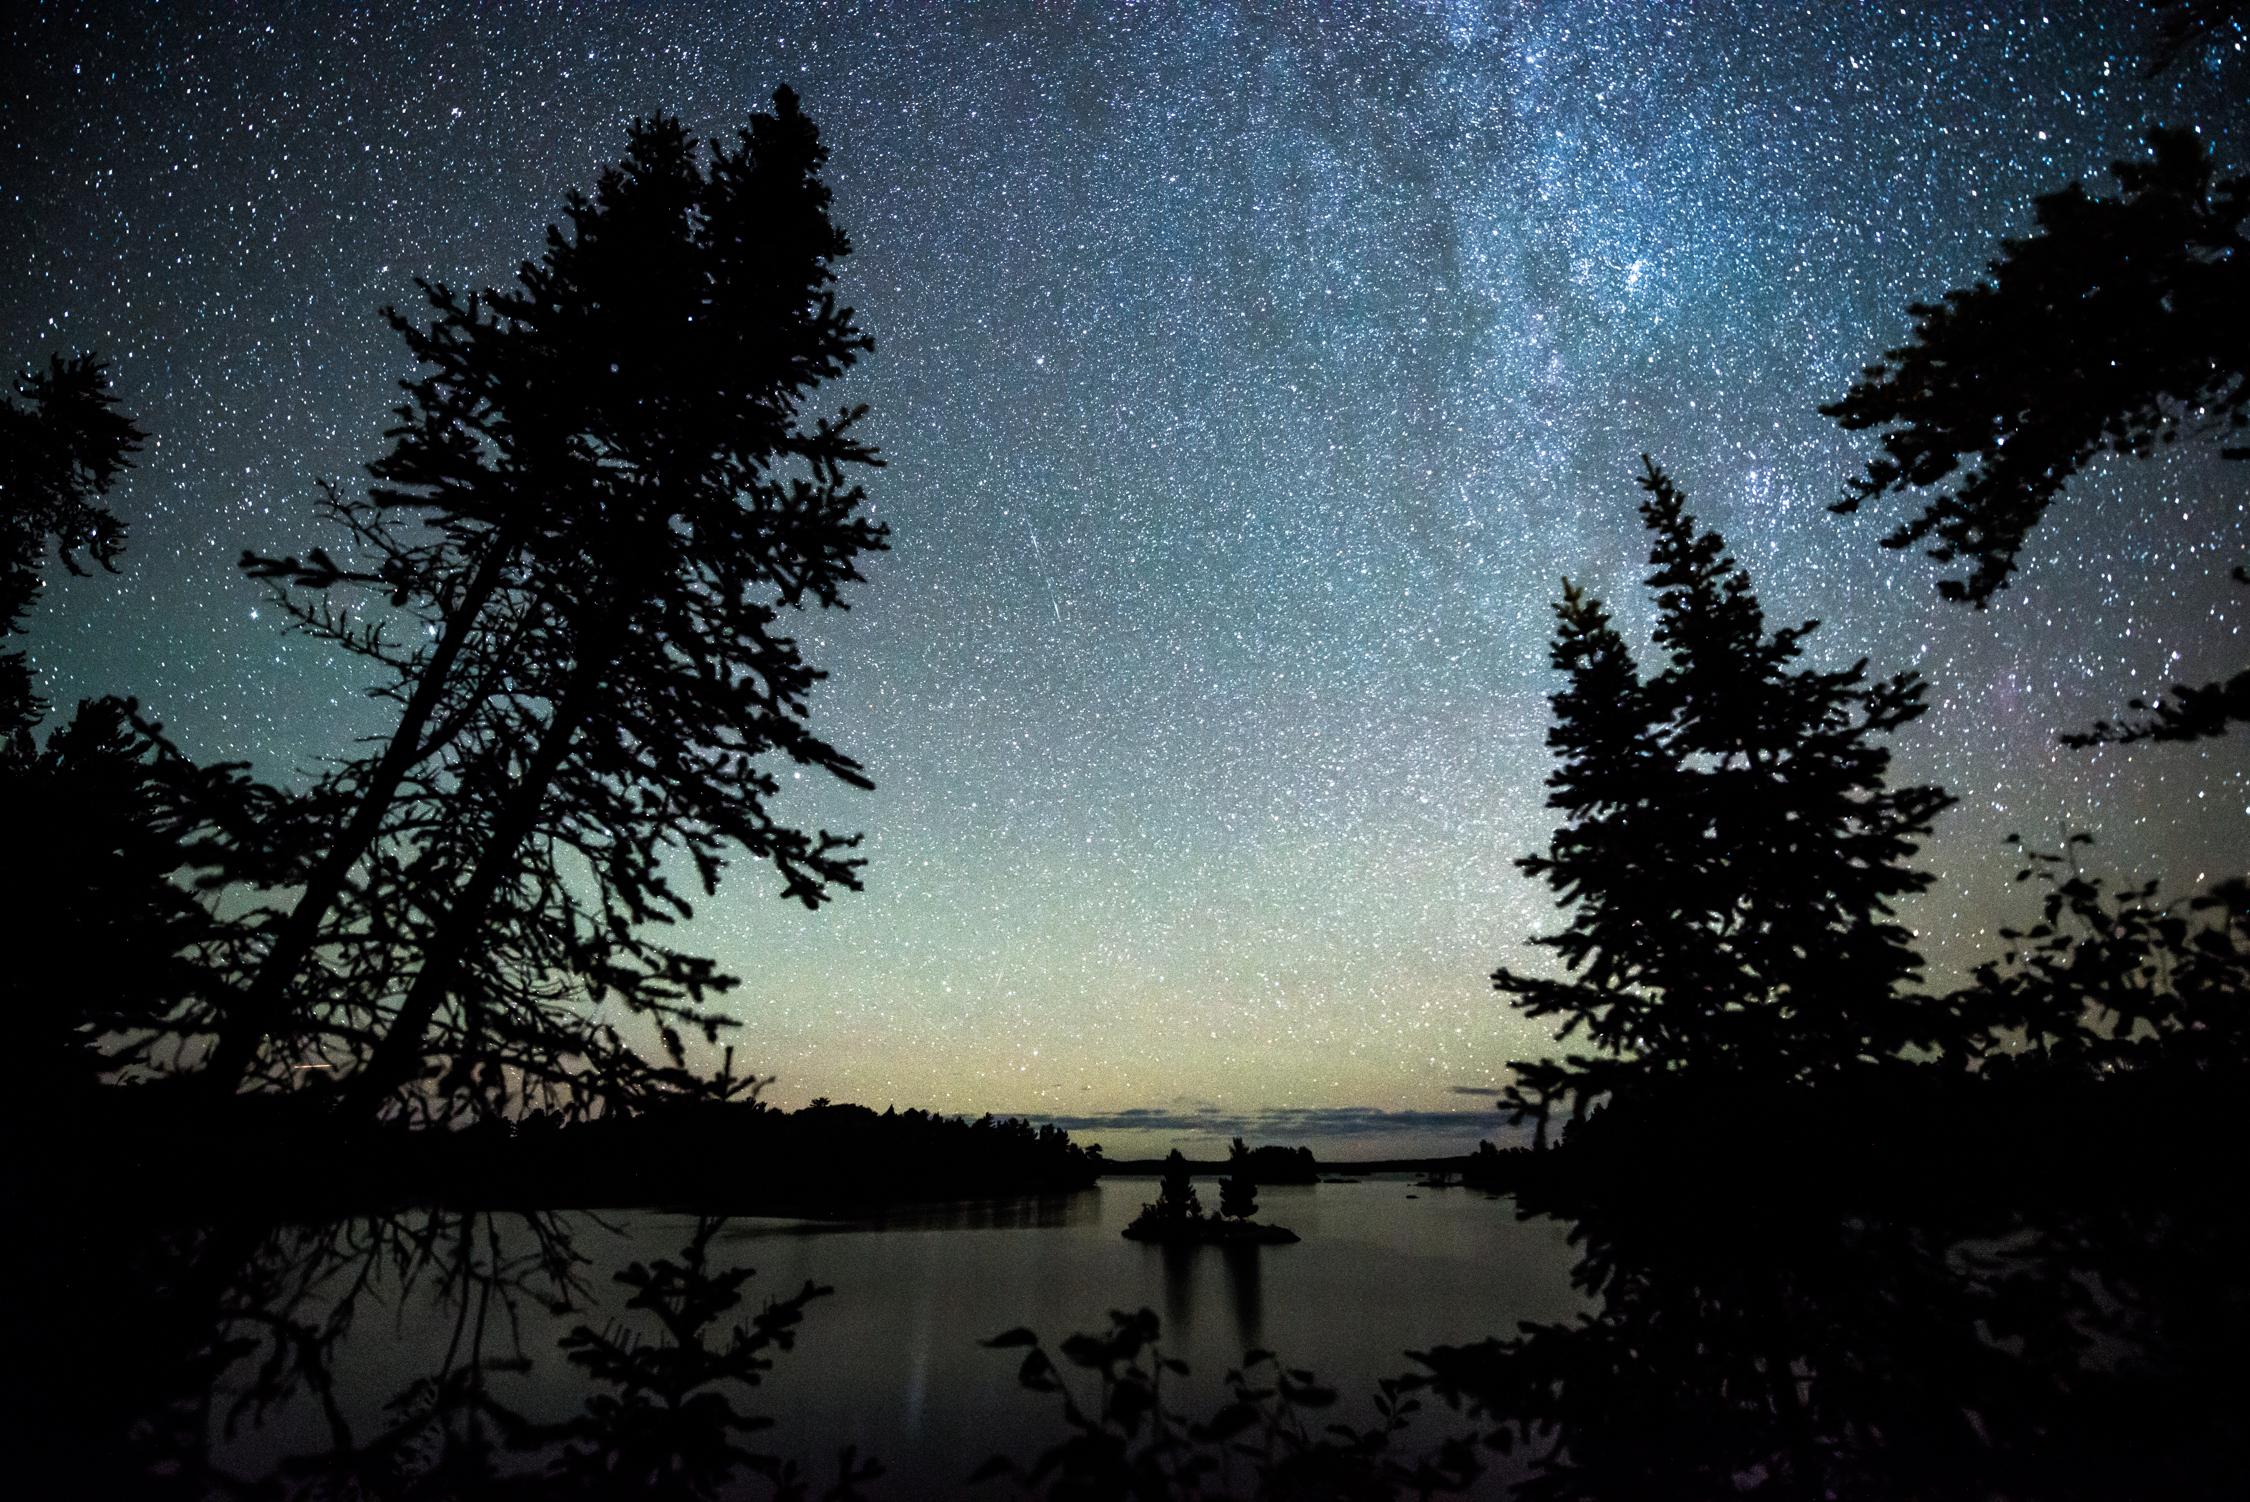 Voyageurs NP_night sky Erik Fremstad